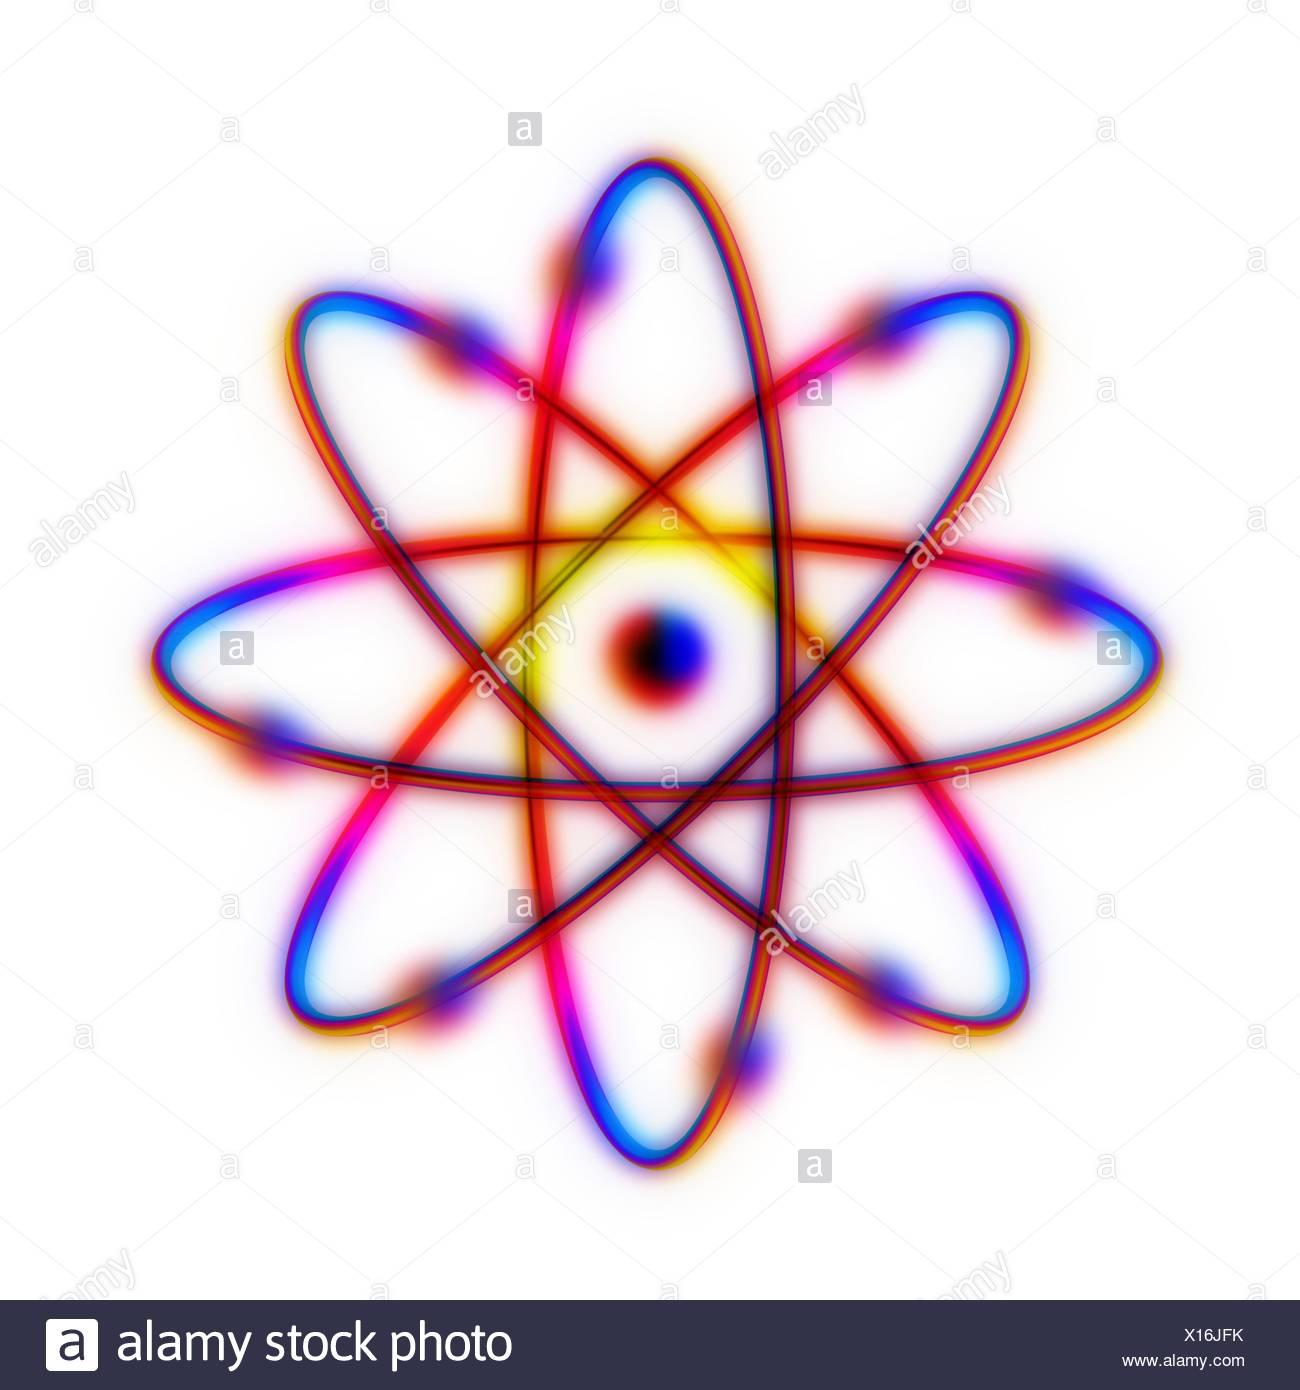 Atomare Struktur. Konzeptionelle Computer Artwork der Struktur des ...